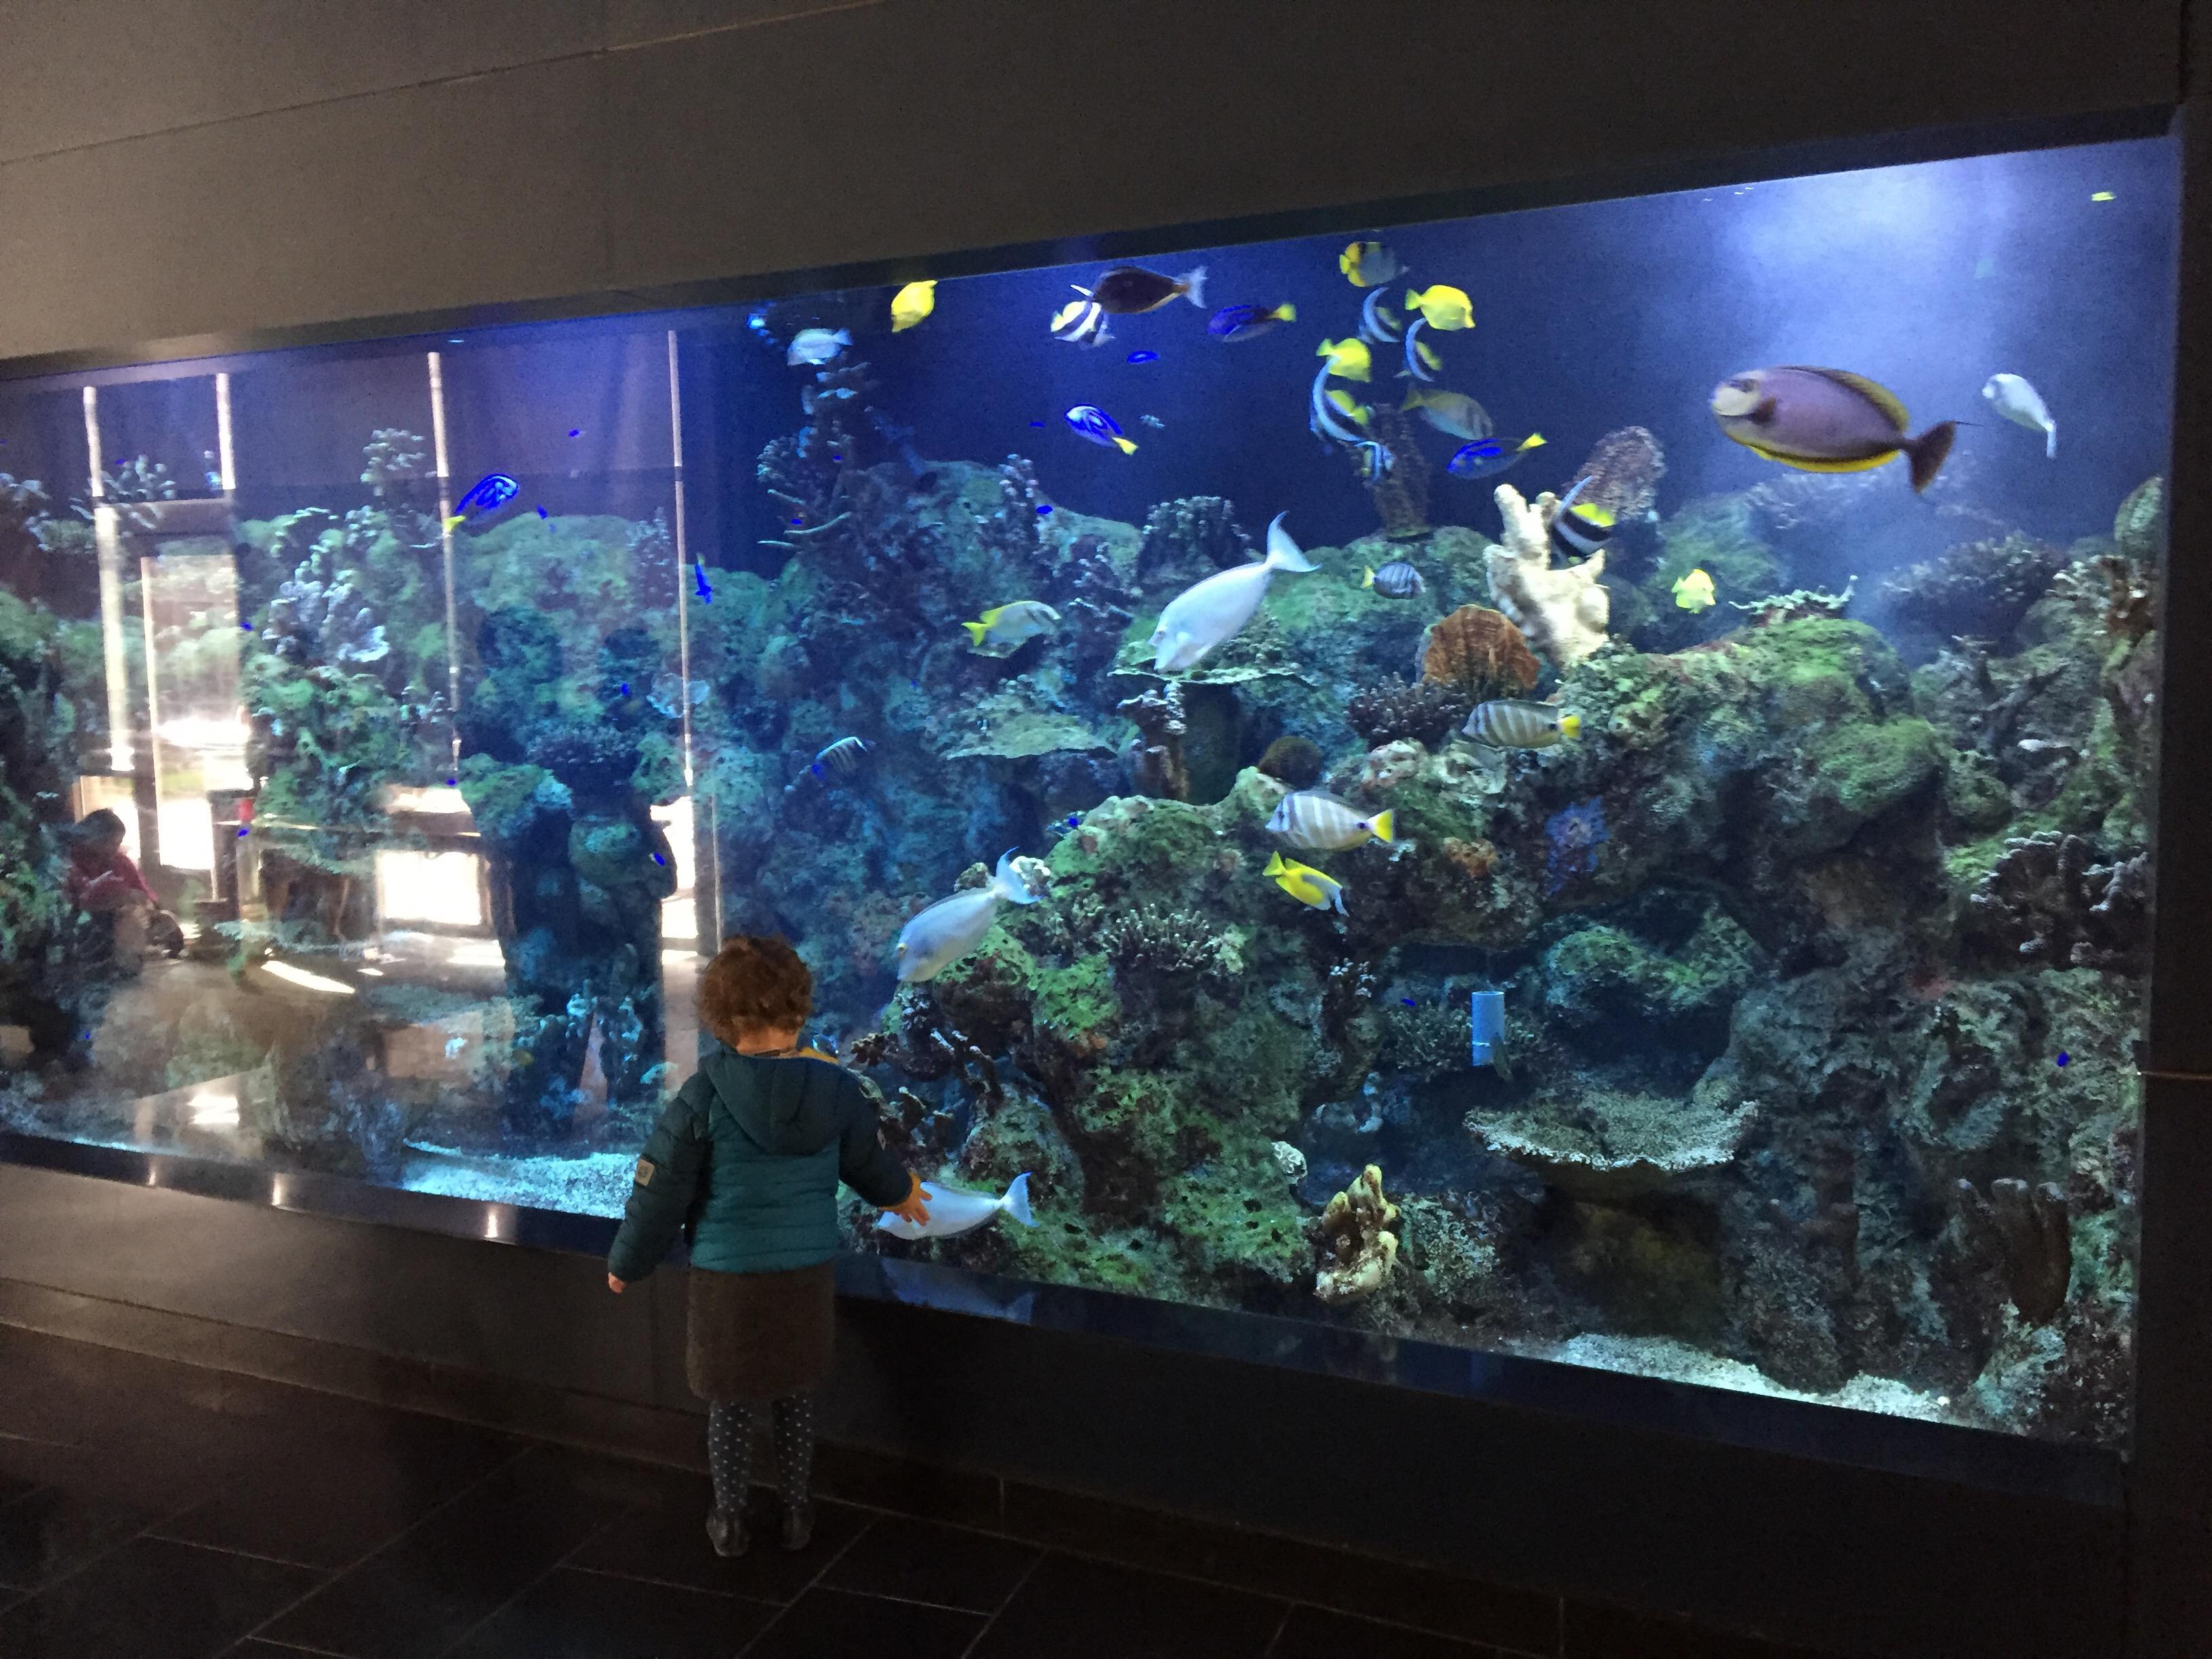 Cupertino e la biblioteca con l acquario semidiporpora for Acquario da parete